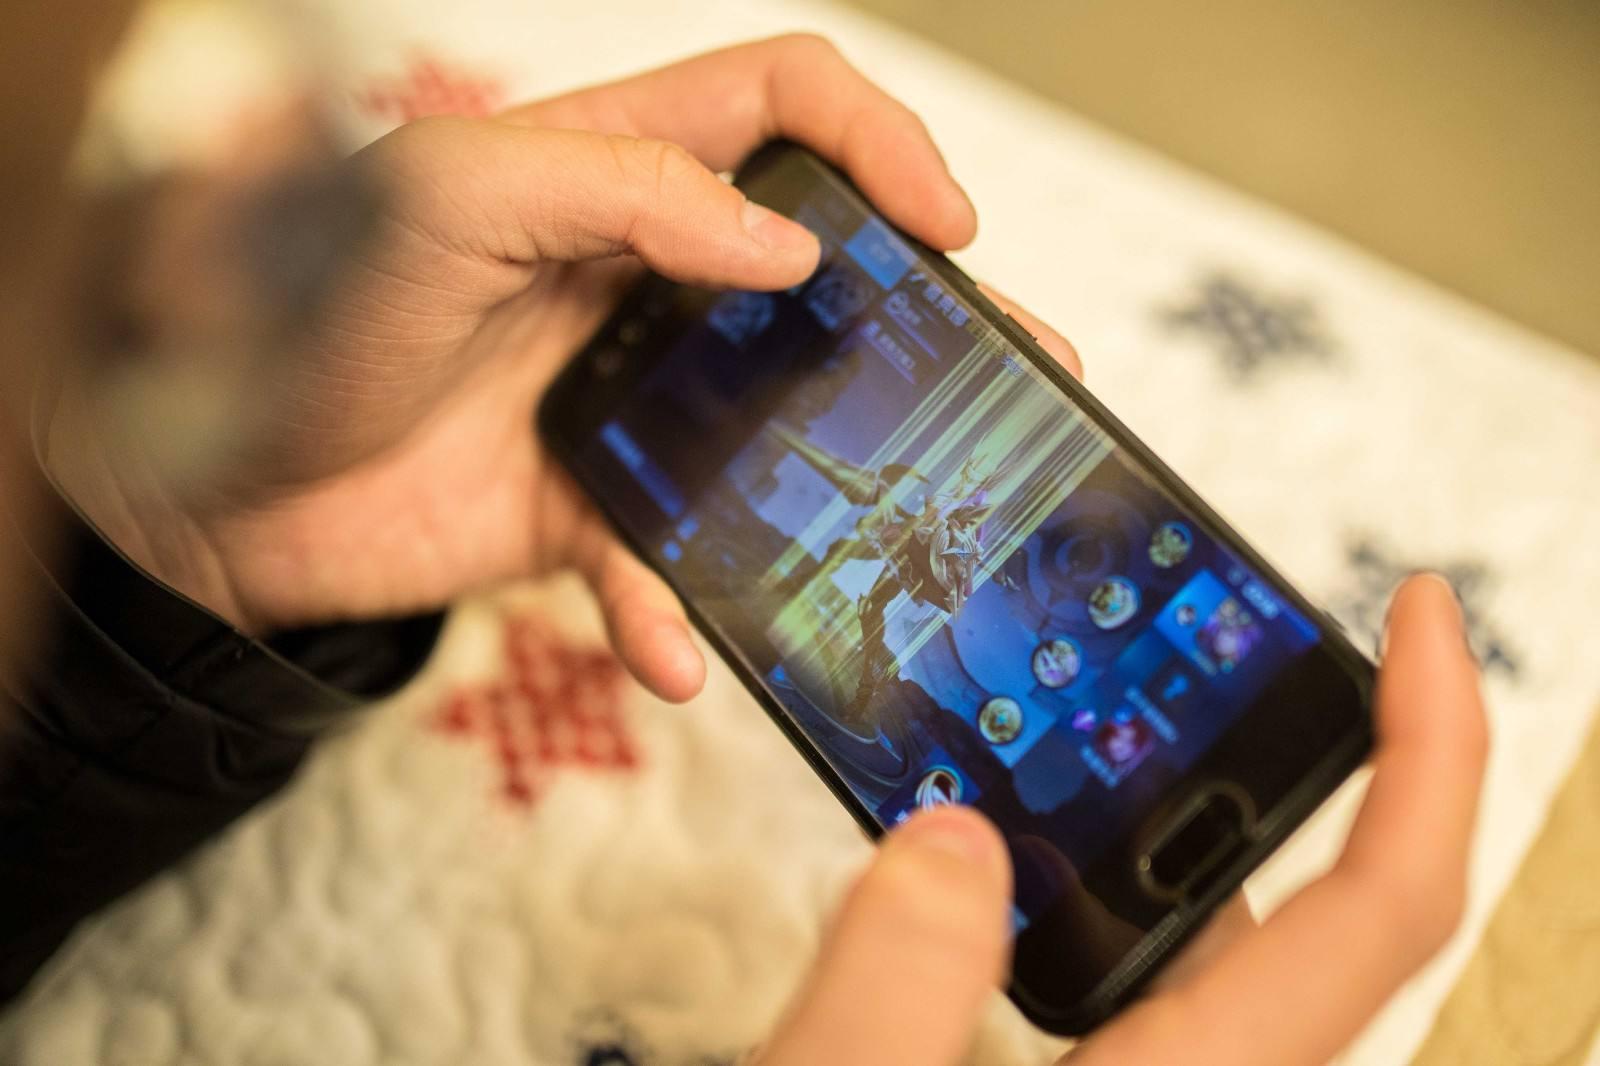 顺手机游玩逼韩国网吧关门? 韩顺手游用户比高臻88.3%